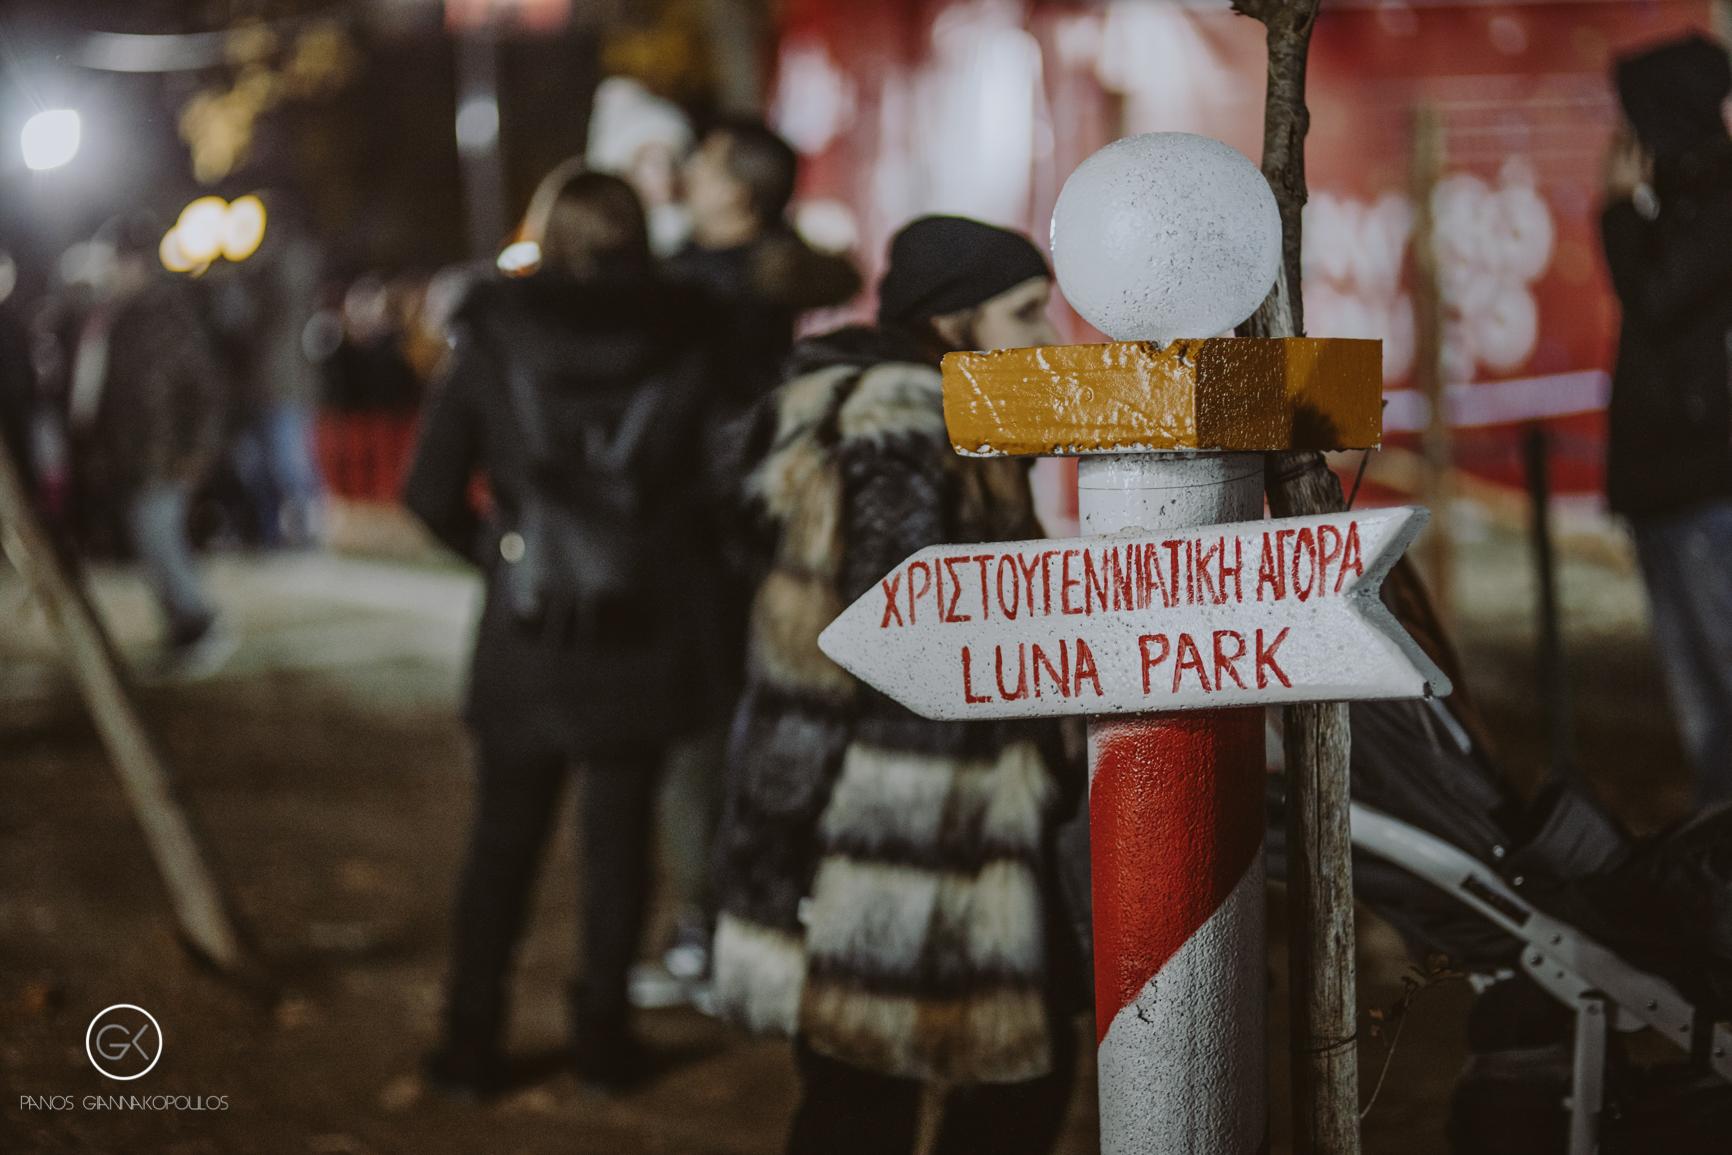 PAN 6401 - Το Πάρκο των Ευχών μέσα από το φακό του Πάνου Γιαννακόπουλου!